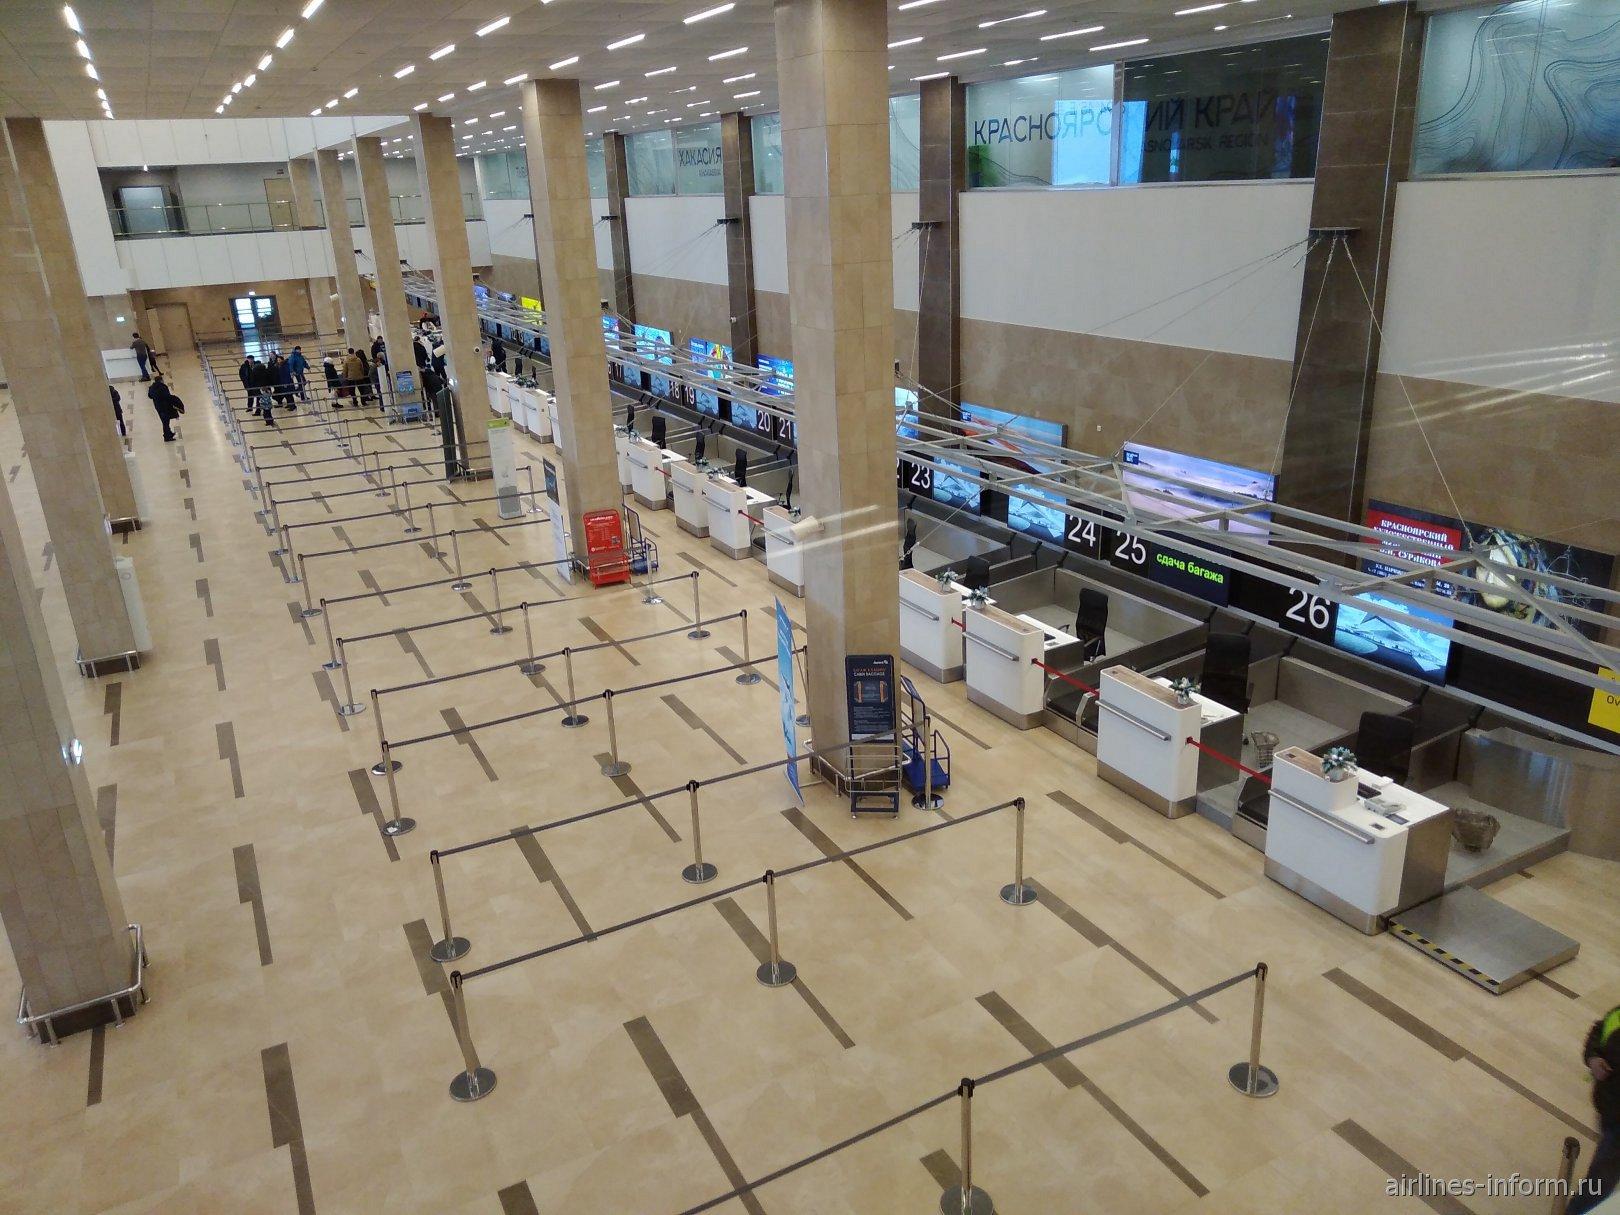 Зона регистрации в новом терминале аэропорта Красноярск Емельяново